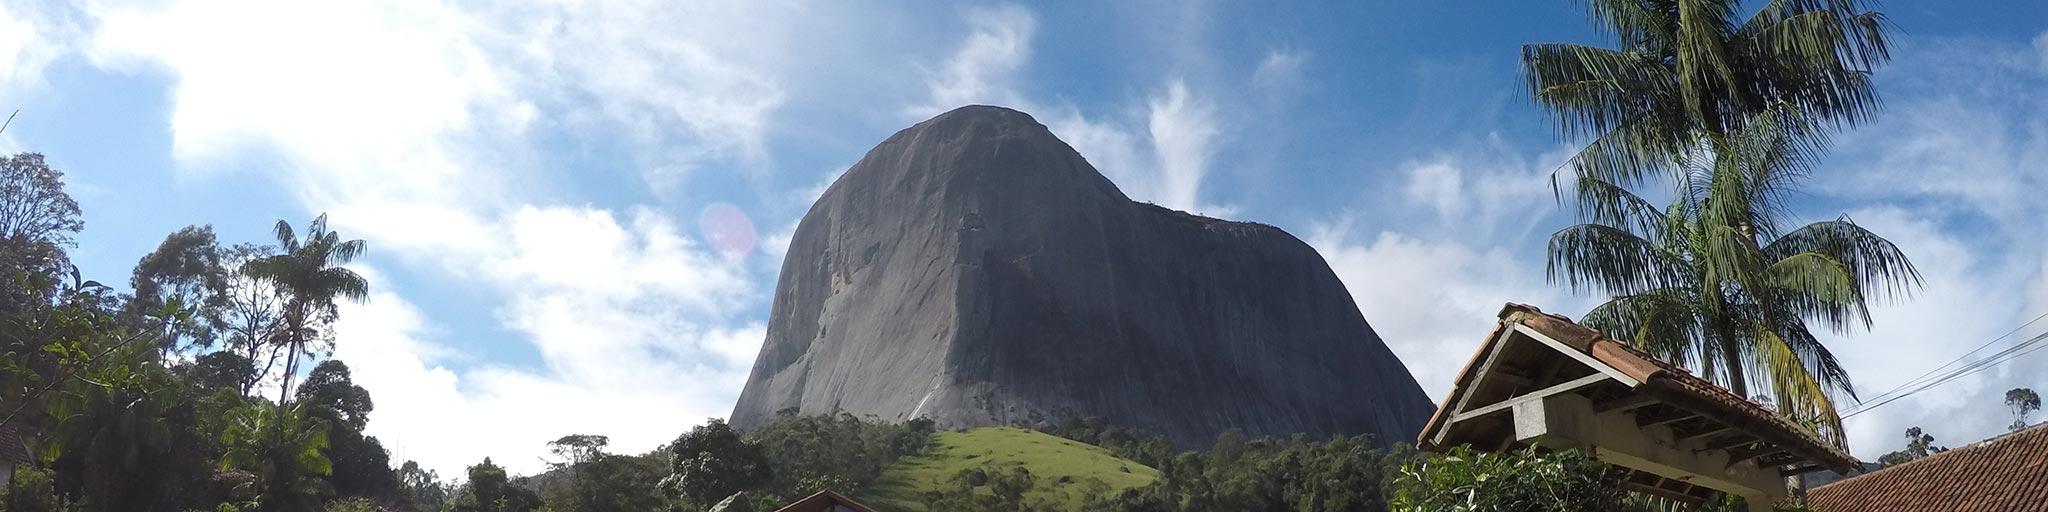 Vista da Pedra Azul - Domingos Martins - ES